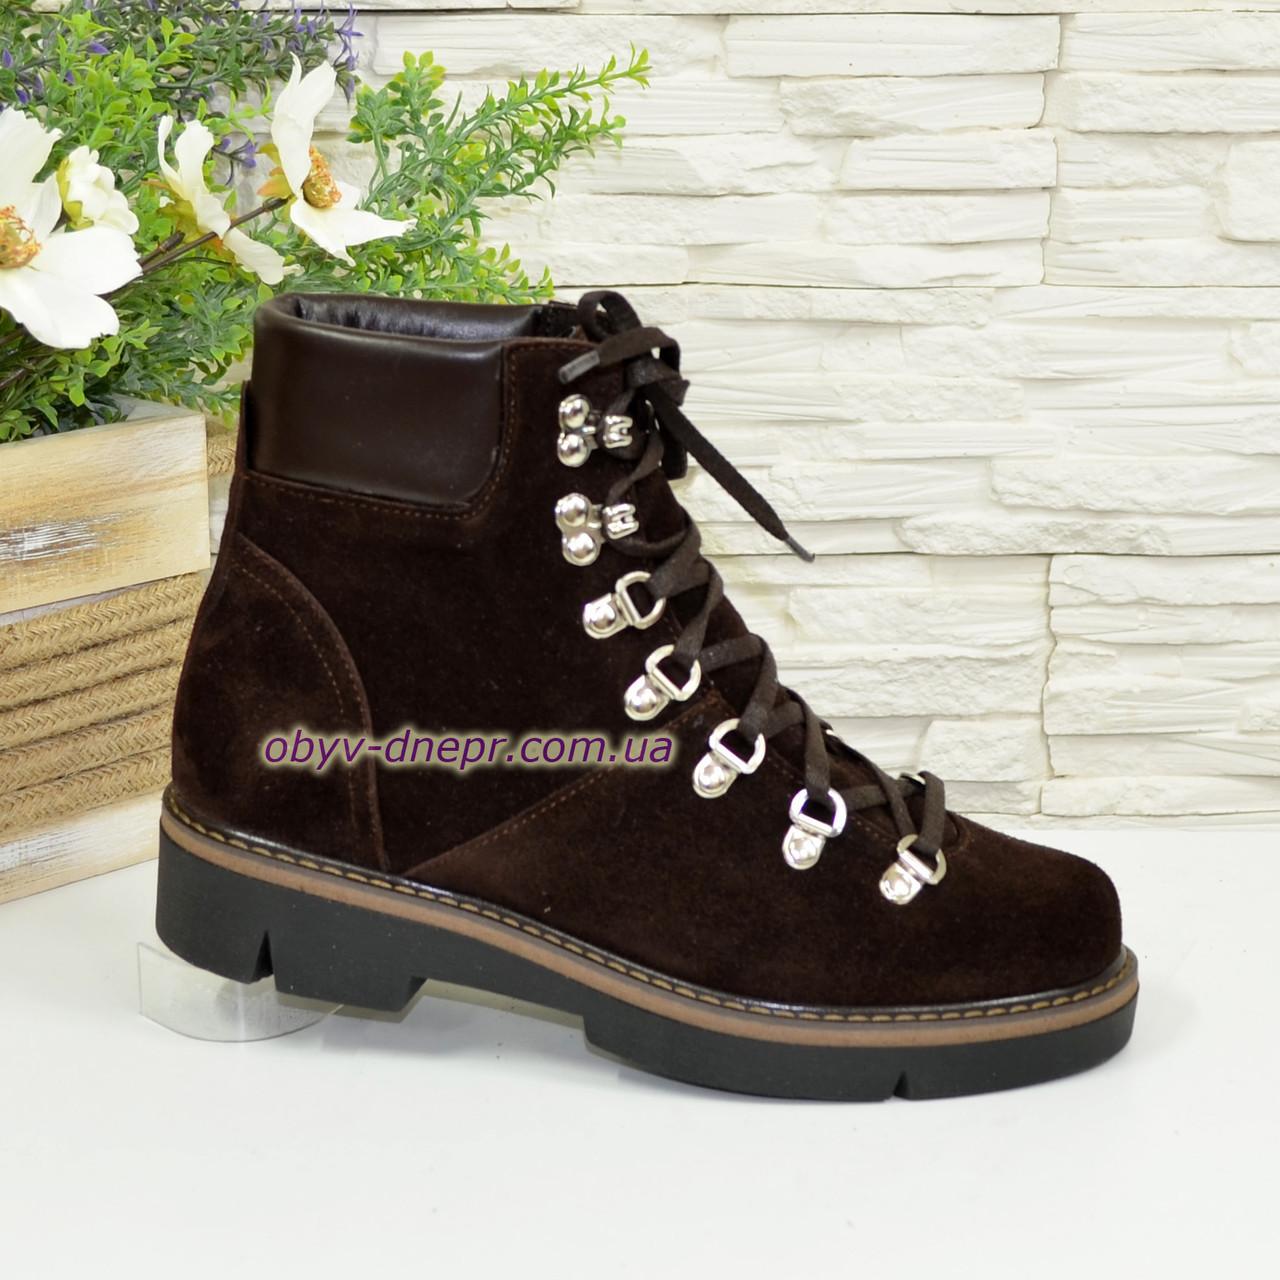 Ботинки женские демисезонные на низком ходу, натуральная коричневая замша